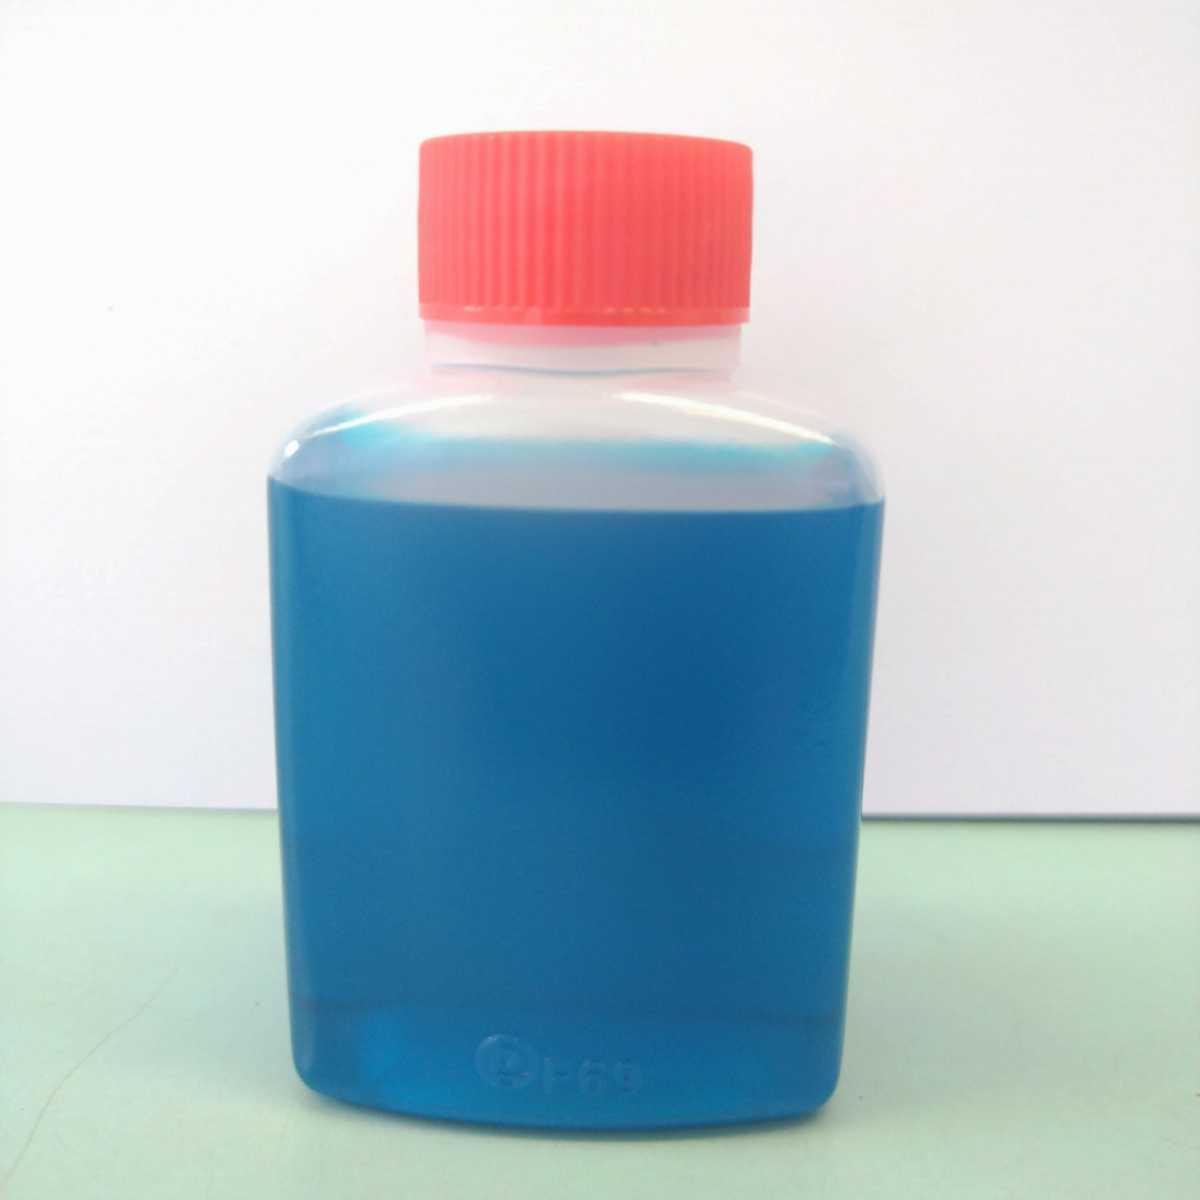 グリーンウォーター 促進剤 ハイポネックス30ml 150㍑分のグリーンウォーターを格安最速で作れる 錦鯉 メダカ の栄養源 稚魚 ミジンコの餌_画像1